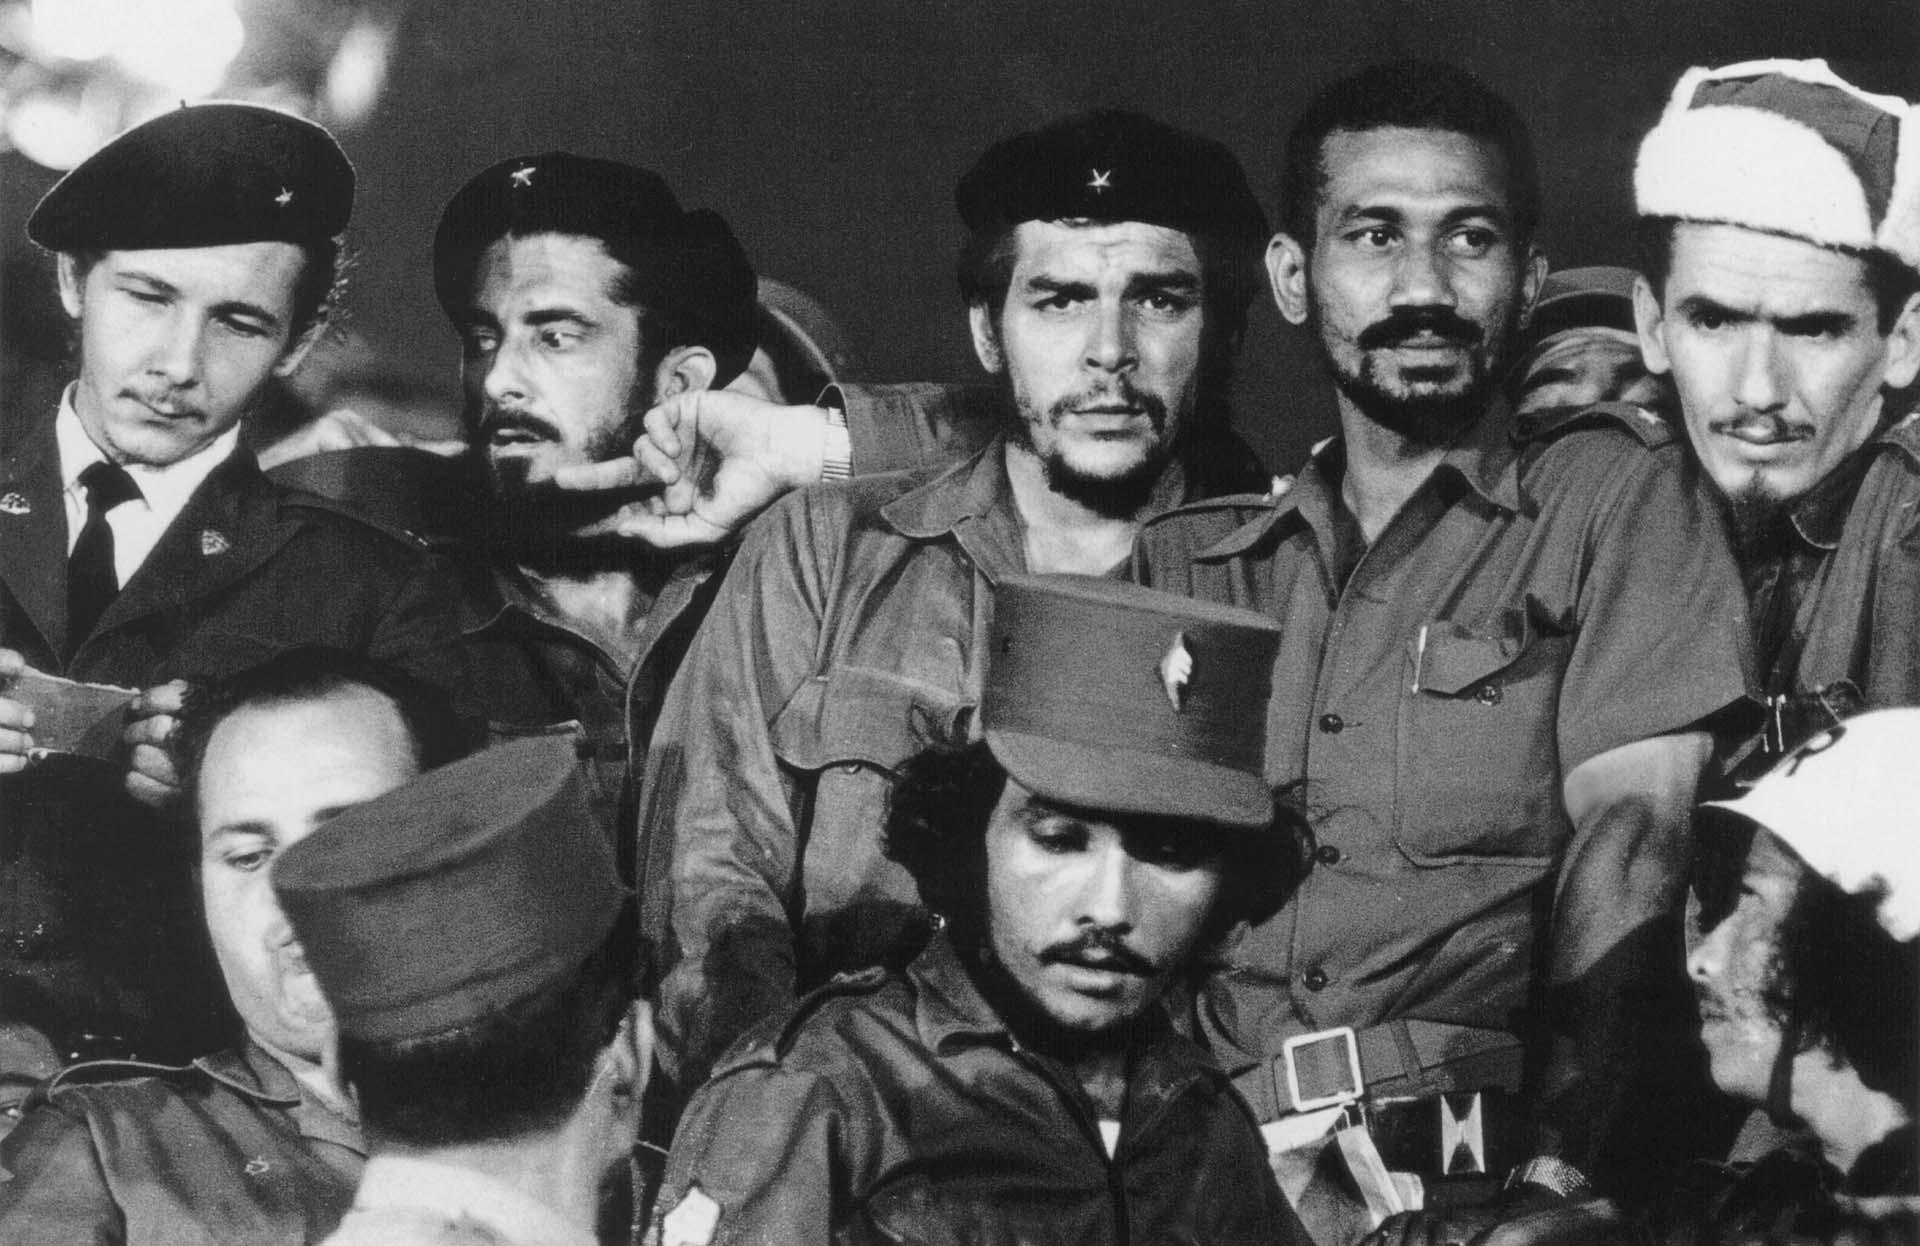 """Una fotografía de 1959 donde se ve a los comandantes revolucionarios Raul Castr, Antonio Nuñez Jimenez, Ernesto """"Che"""" Guevara, Juan Almeida y Ramiro Valdes en La Habana."""